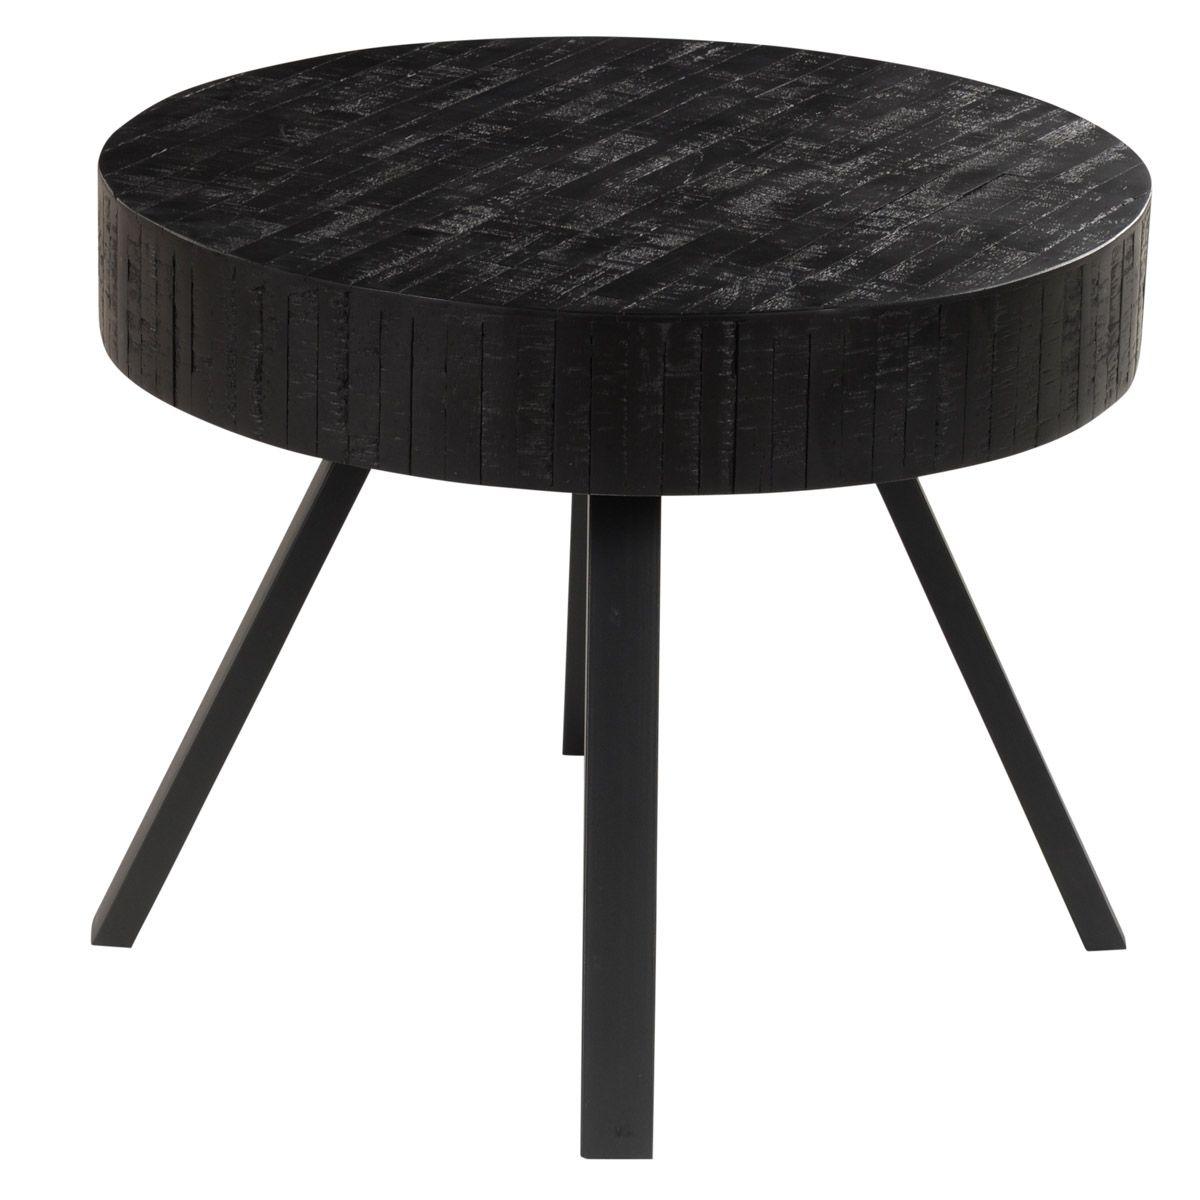 Table basse en teck recyclé noir H45